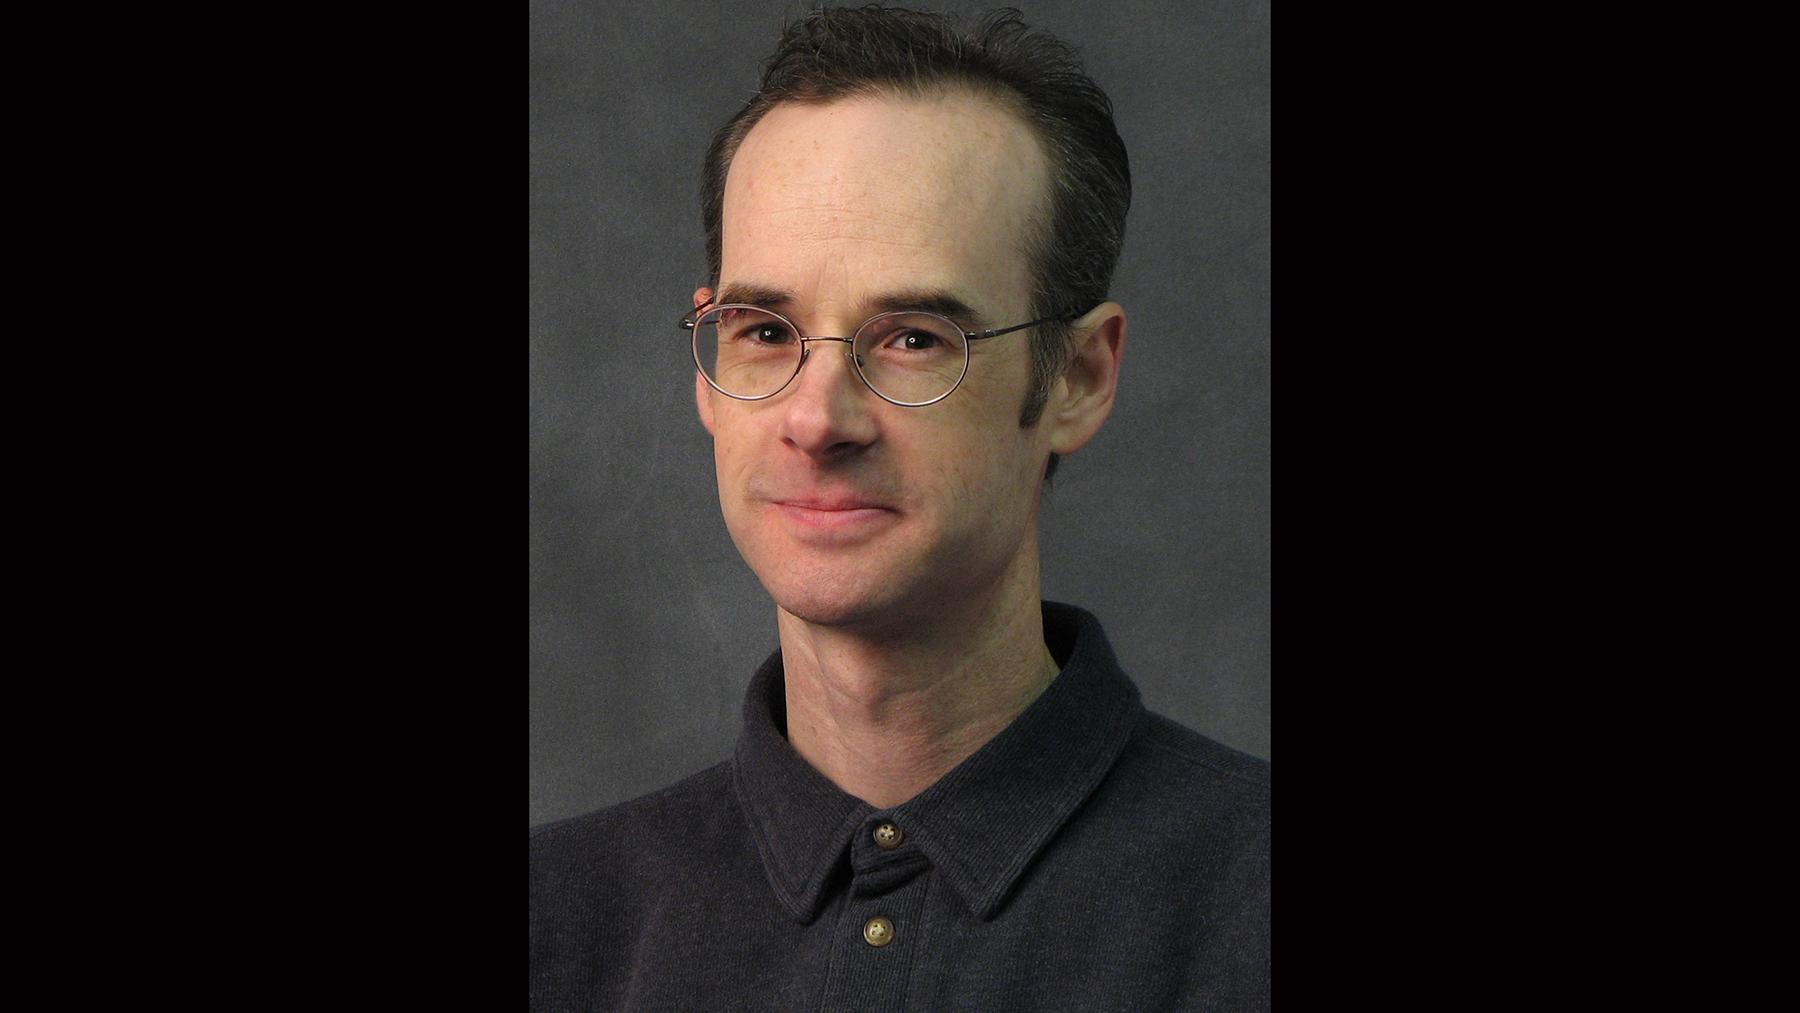 Jeremy Overmann